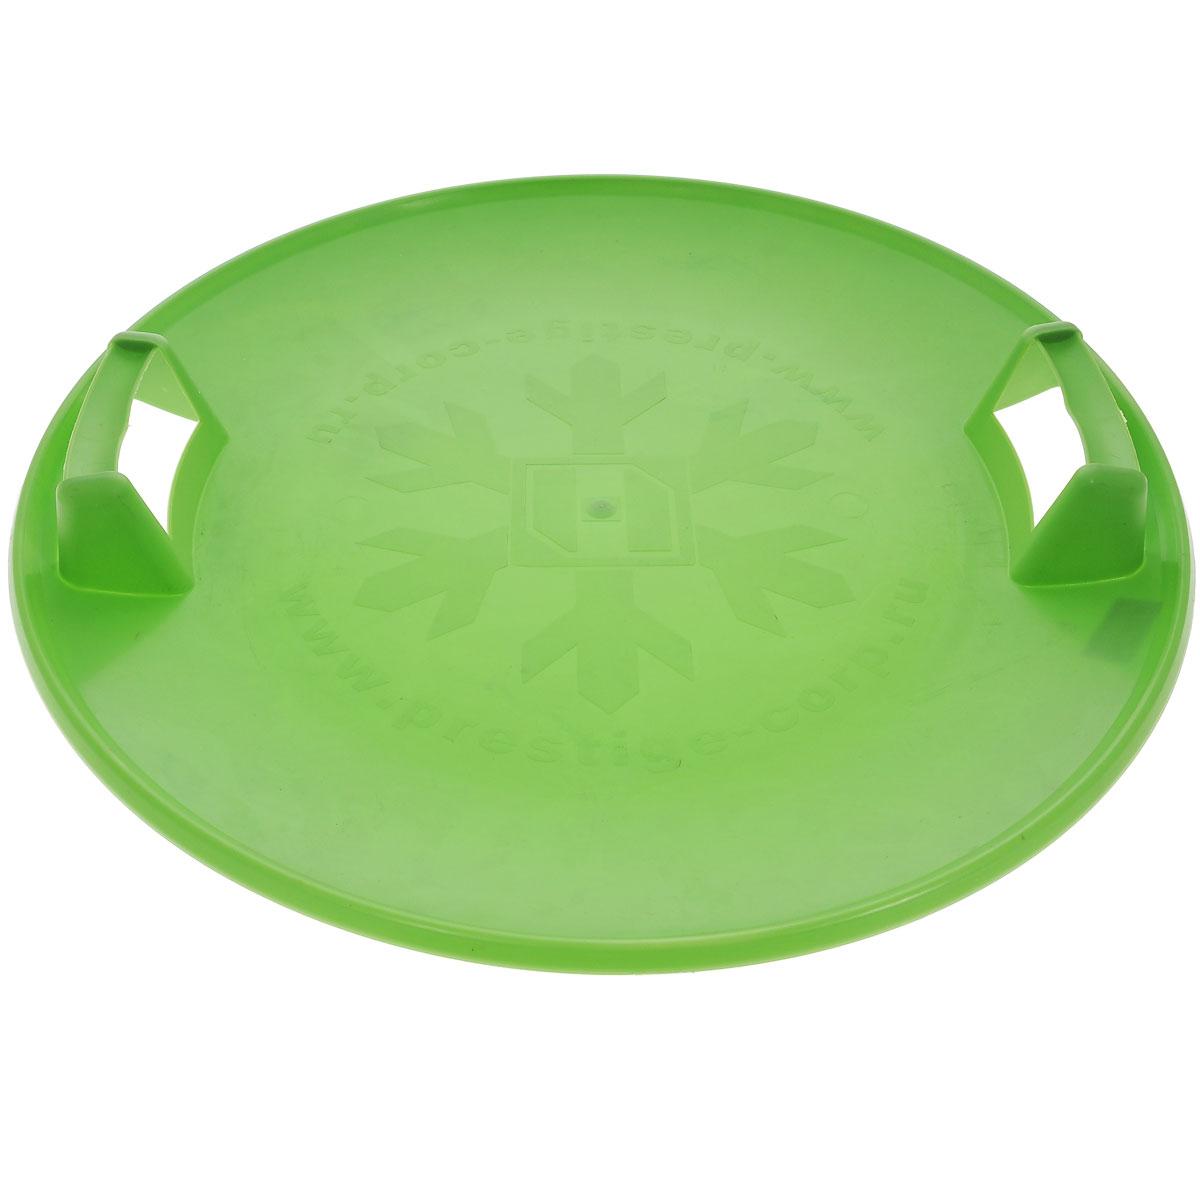 Престиж Санки-ледянки Экстрим, с ручками, цвет: зеленый, диаметр 580 мм267111Санки-ледянки Престиж Экстрим подарят море позитивного настроения холодной зимой, ведь на них так весело съезжать с крутых ледяных склонов! Легкие, прочные санки из морозостойкого пластика прослужат долго. Санки имеют две пластиковые ручки для удобства катания и ношения. Дно санок украшено рельефным изображением снежинки. Диаметр санок: 58 см.